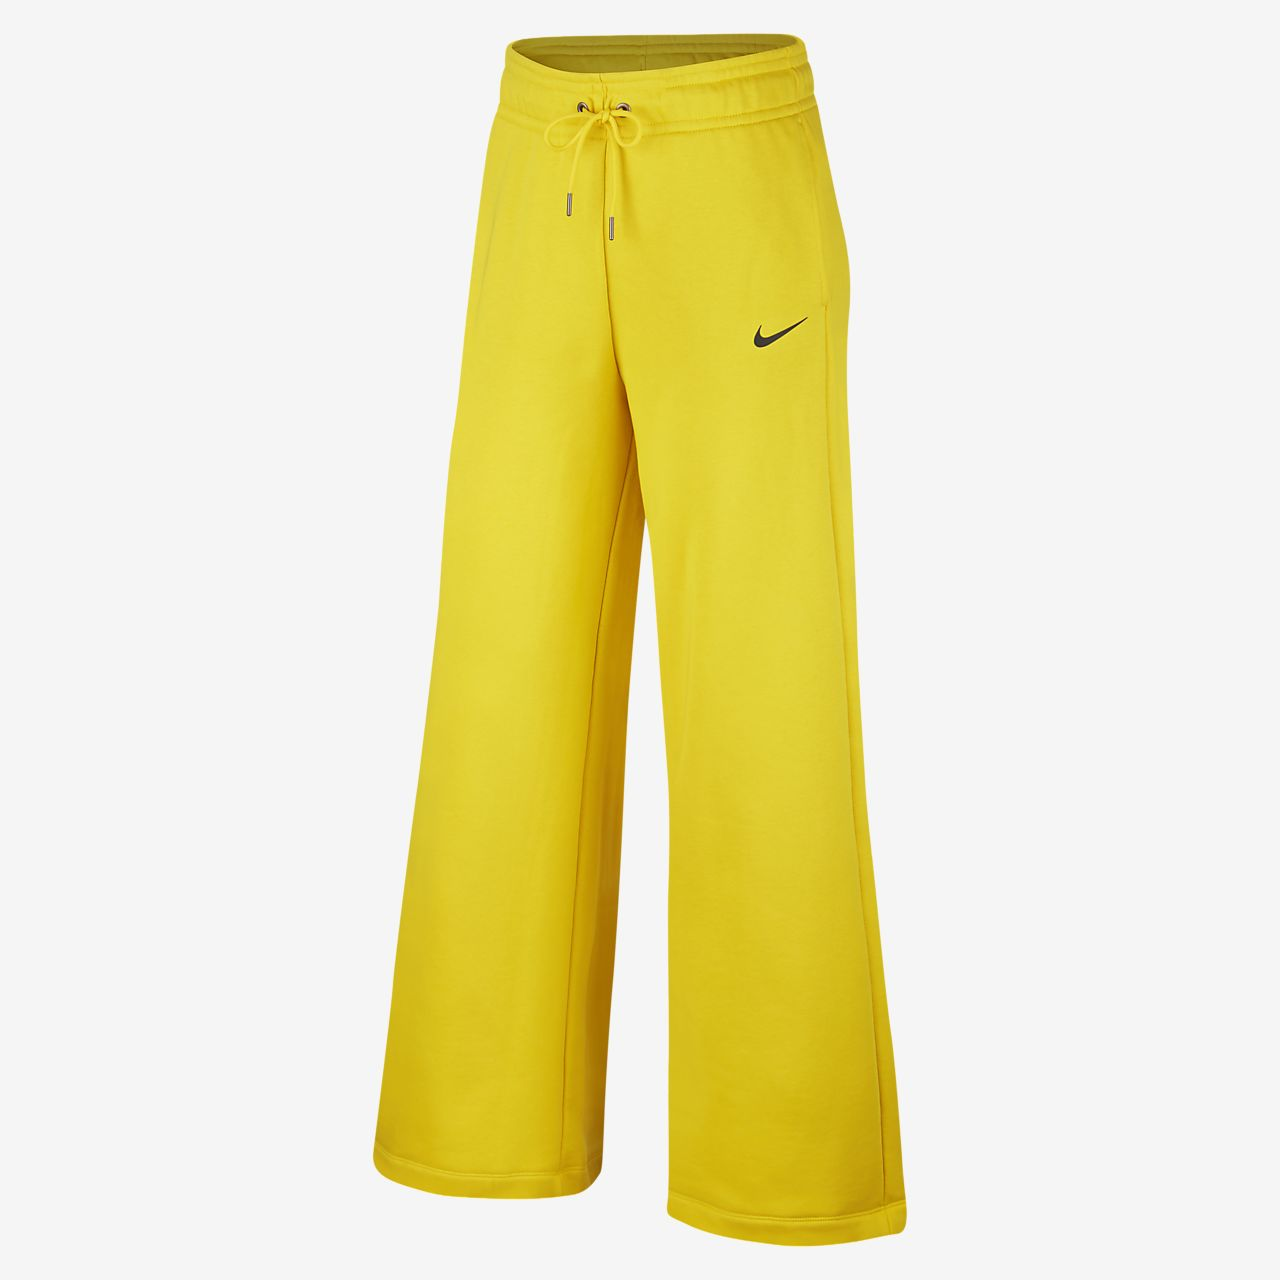 Pantaloni palazzo Nike Sportswear - Donna